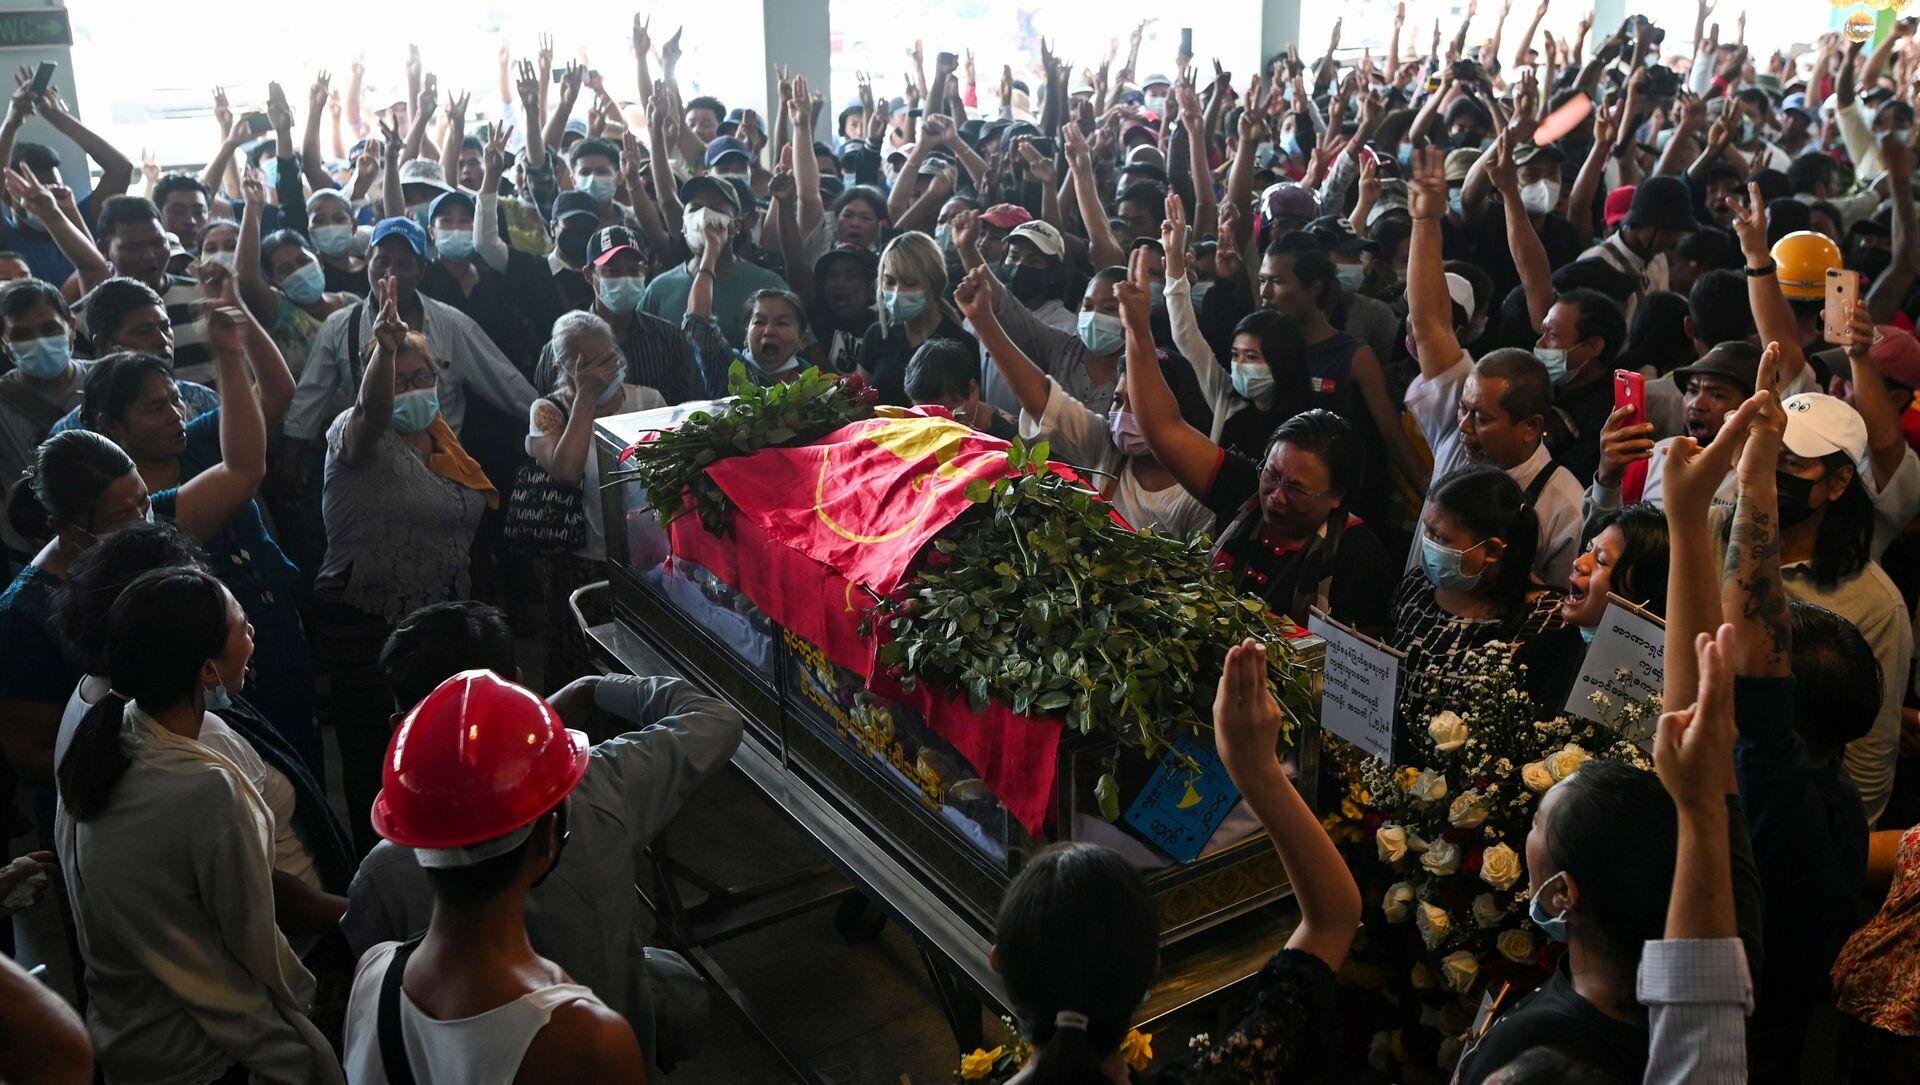 Darbe karşıtı protestolarda öldürülenlerden birinin cenaze töreni, Yangon, Myanmar - Sputnik Türkiye, 1920, 04.07.2021